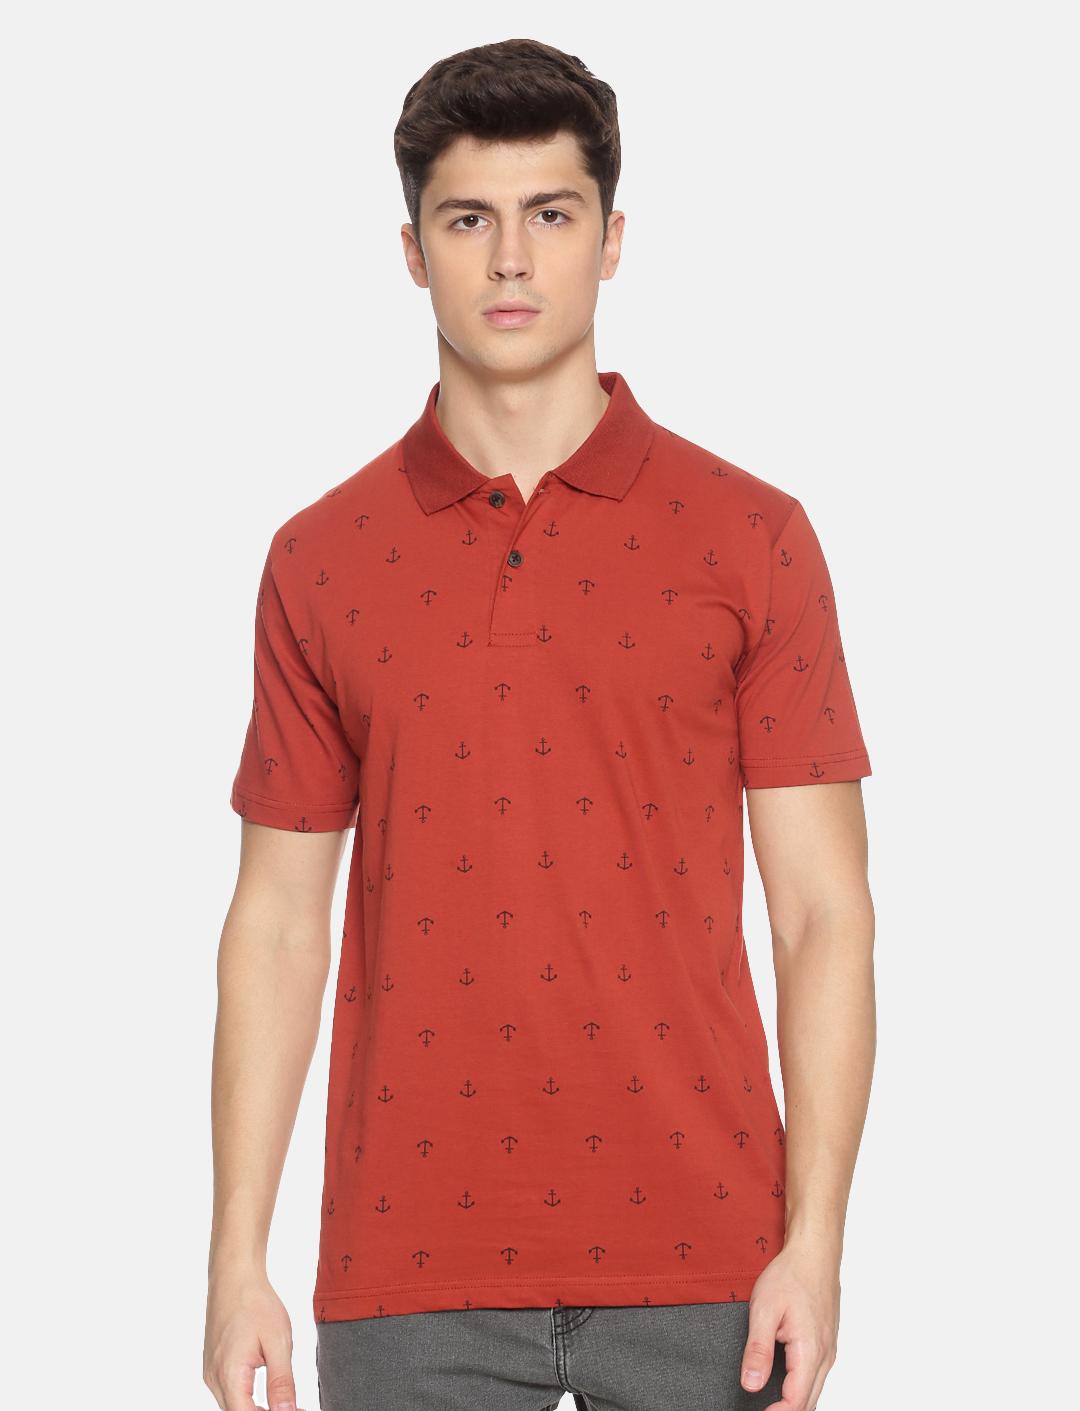 Kryptic   Kryptic Men's Anchor printed polo Tshirt